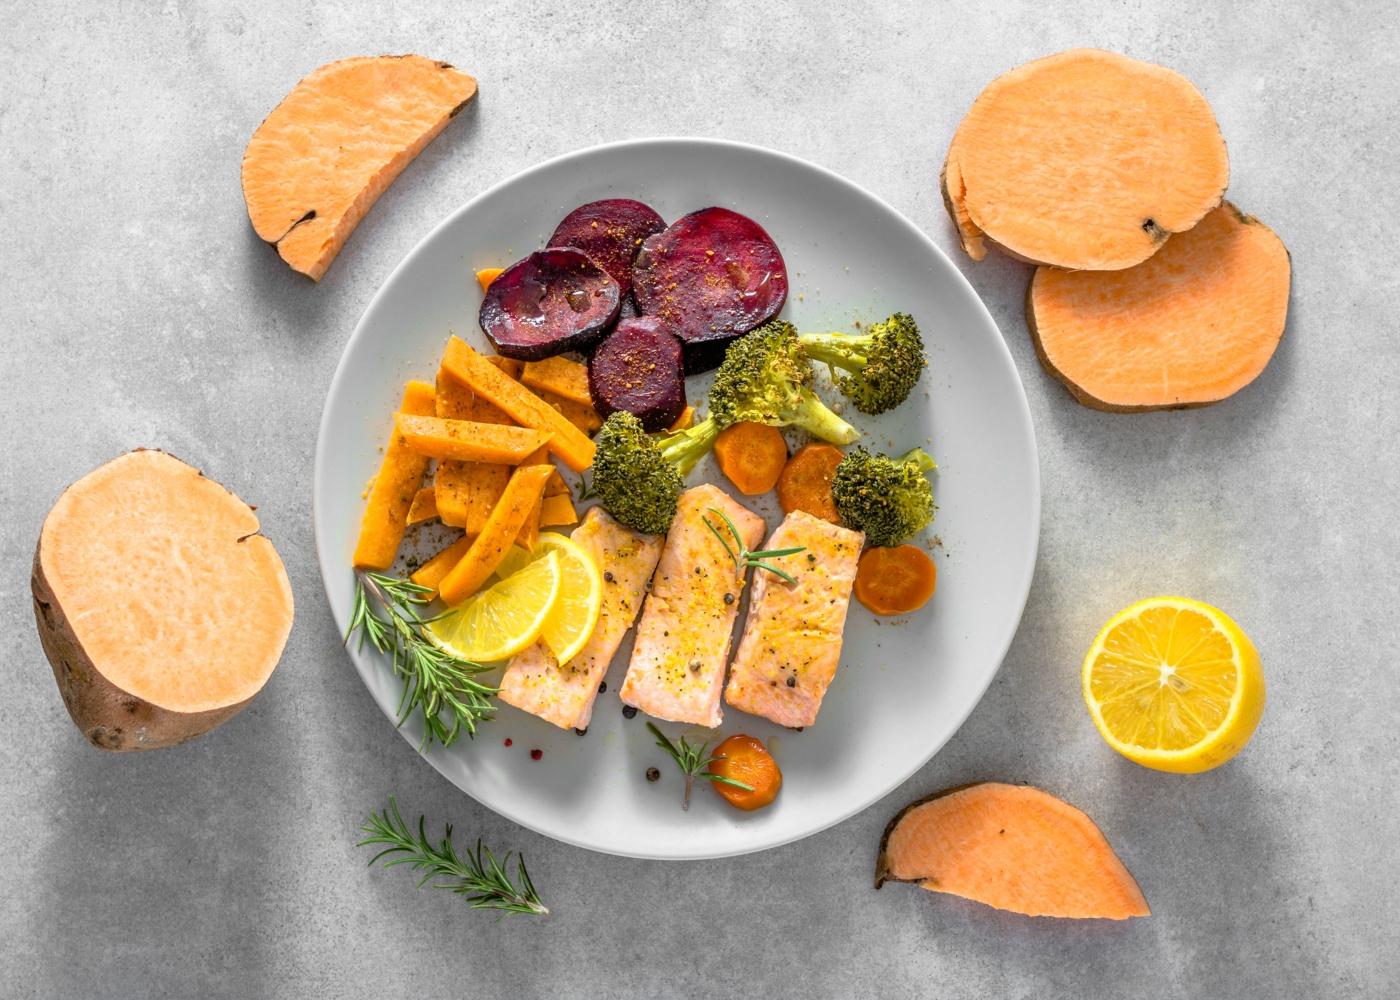 prato com salmão, batata-doce, brócolos e beterraba